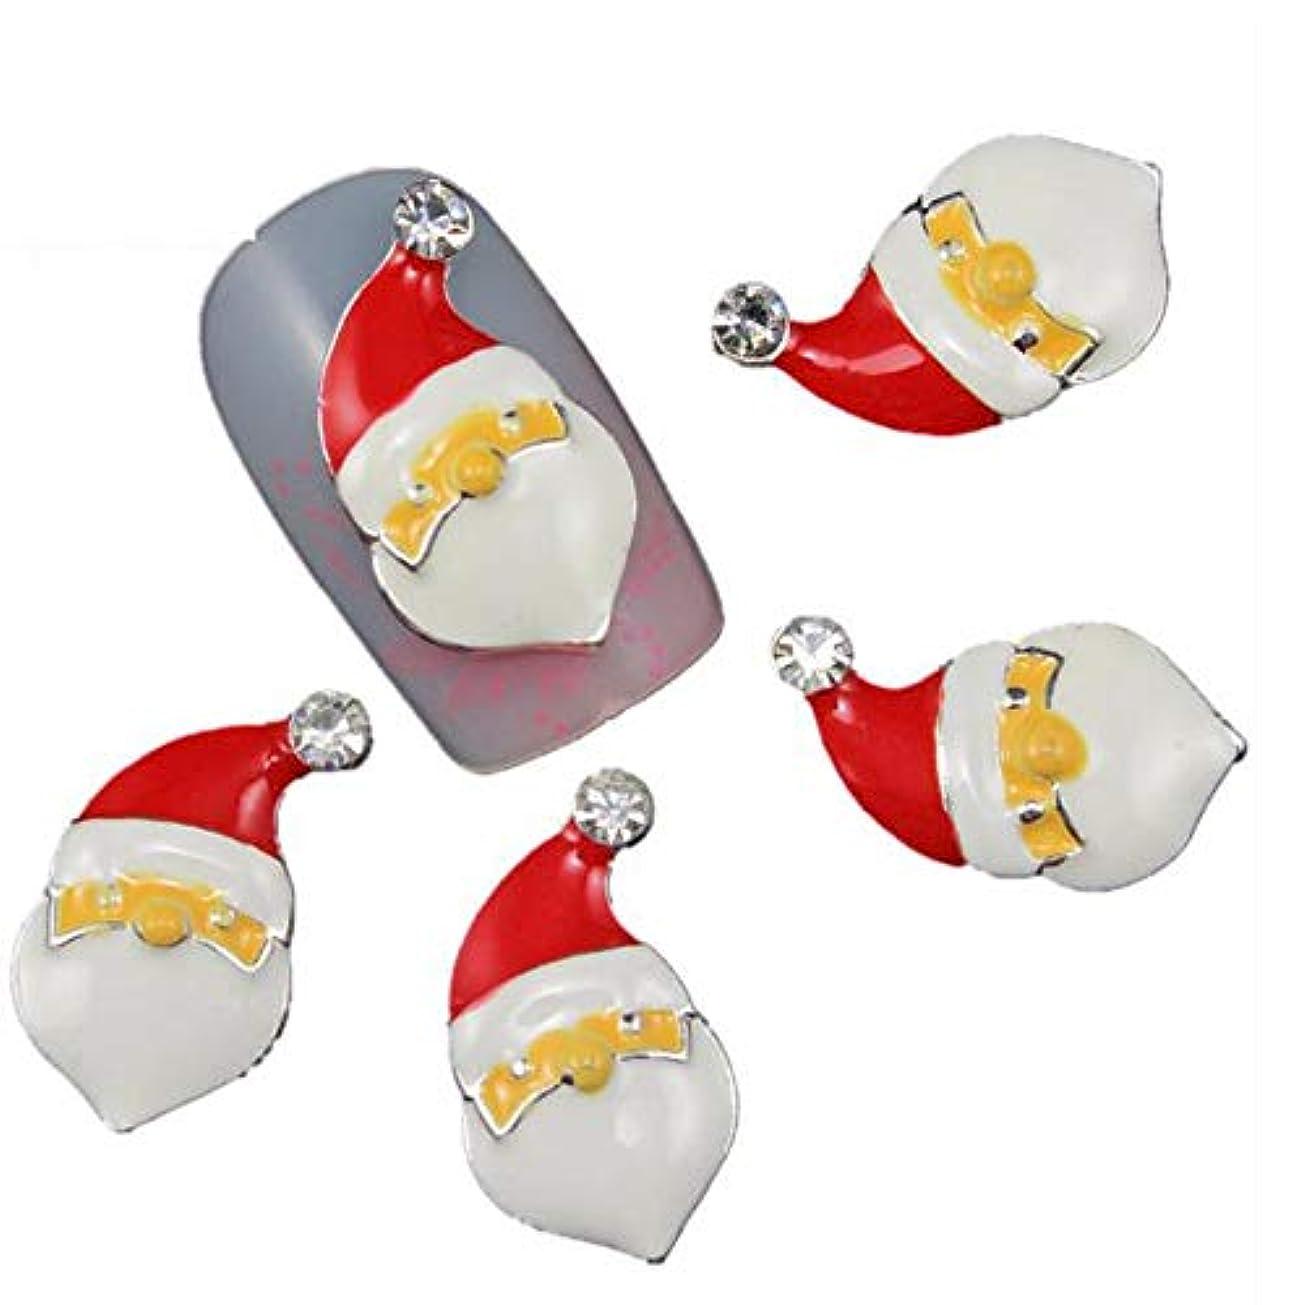 談話教会克服するチャームの釘のために10個/ロット3Dクリスマスネイルアートクラシックサンタクロースデザインマニキュアの装飾のクリスタルラインストーン